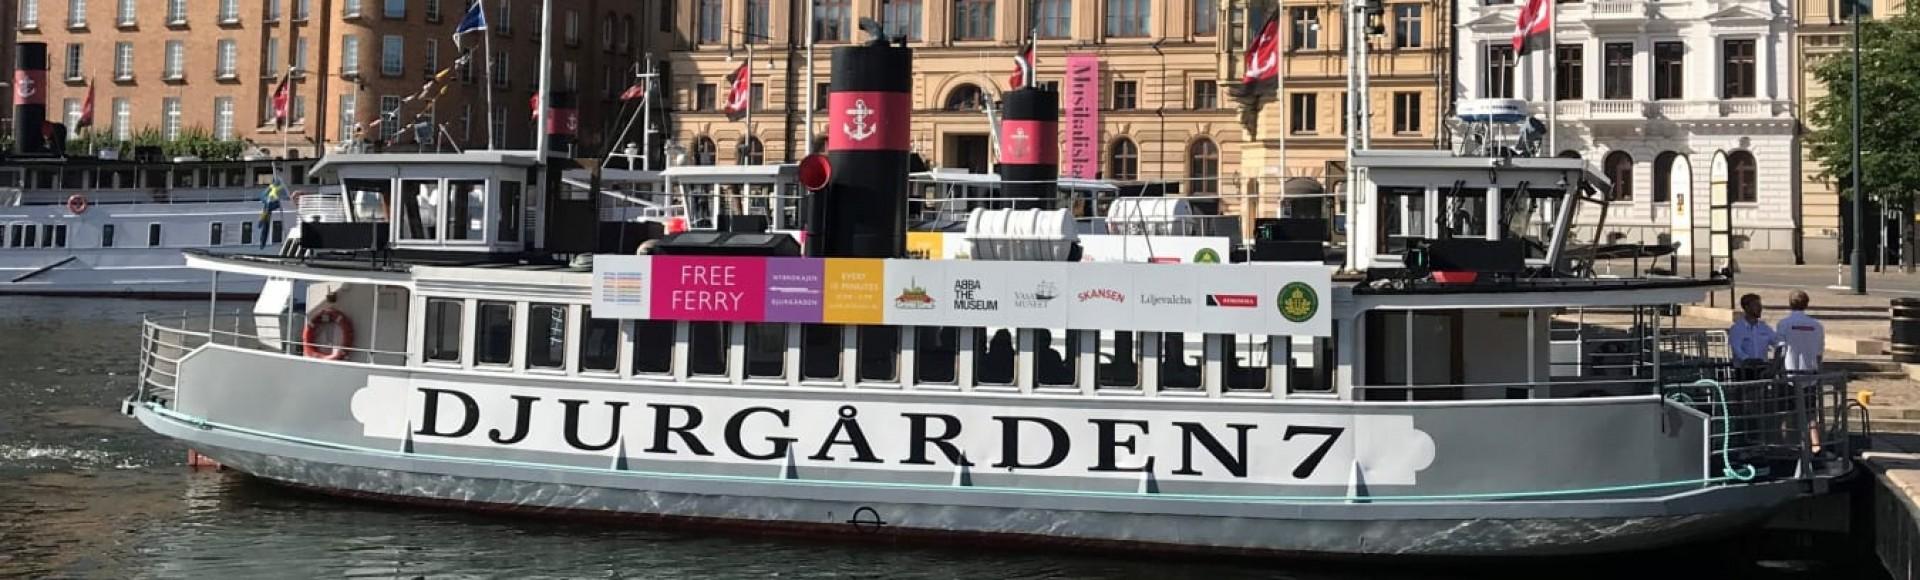 En julio barco gratis a la isla de Djurgården en Estocolmo